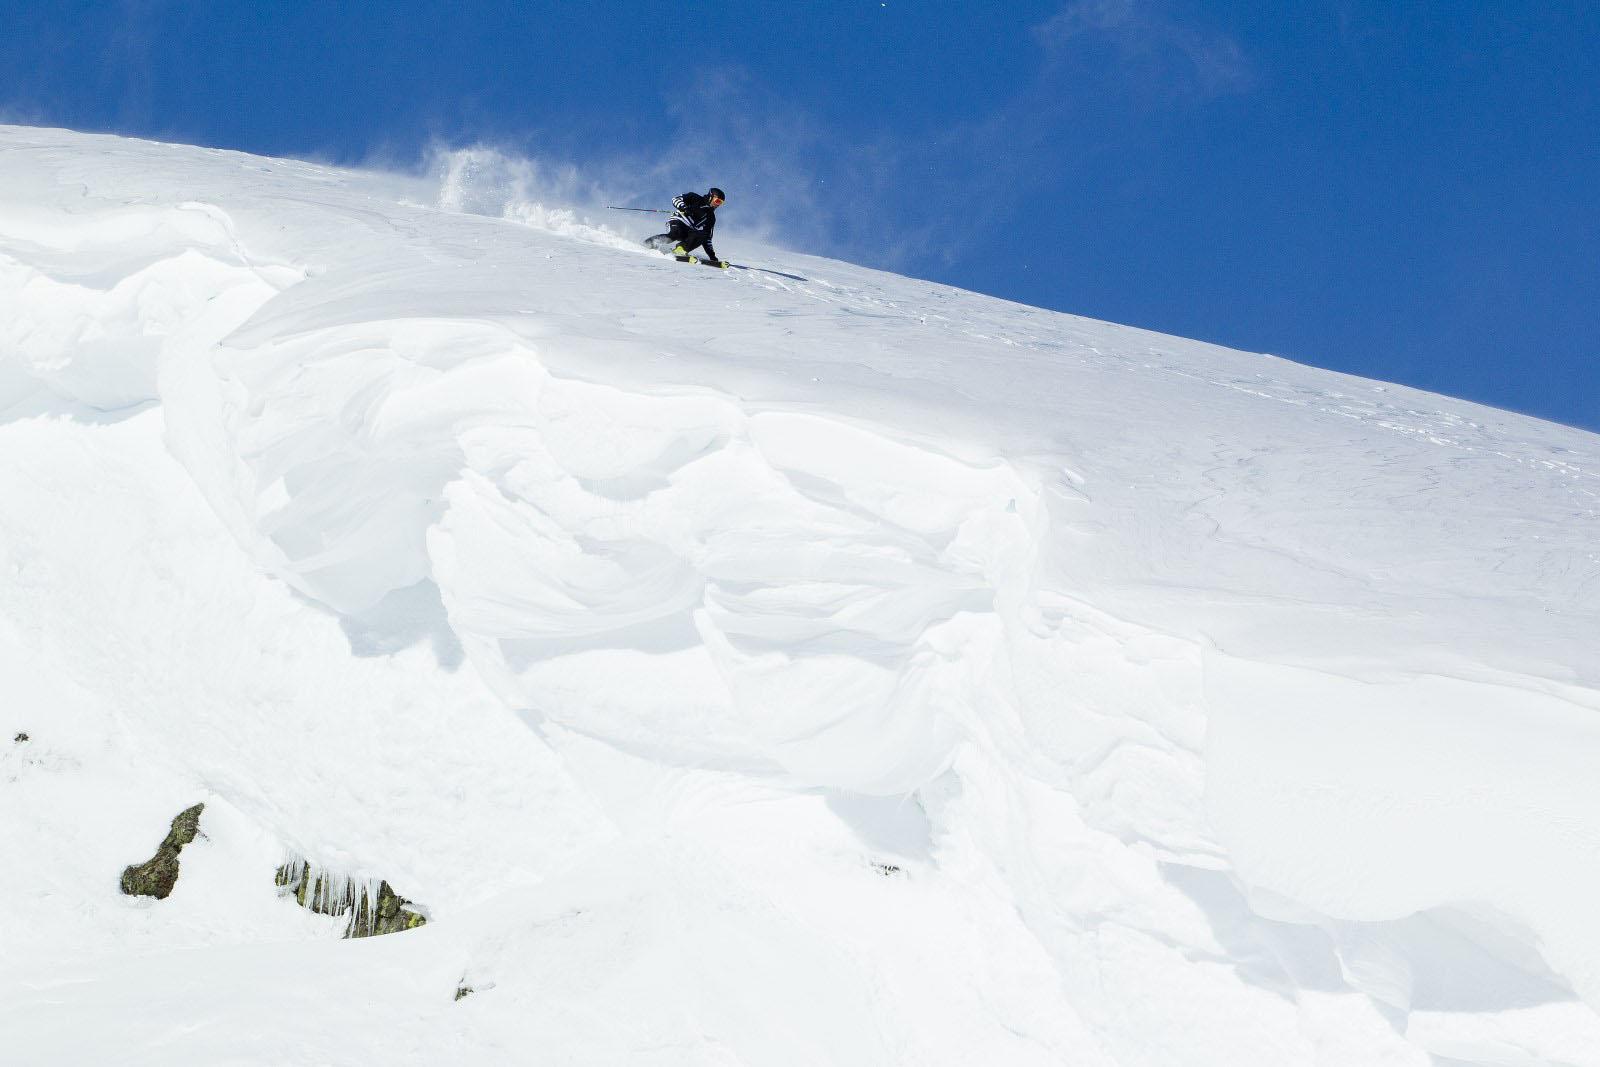 A principios del siglo XXI, Halti comenzó a patrocinar los deportes de invierno.